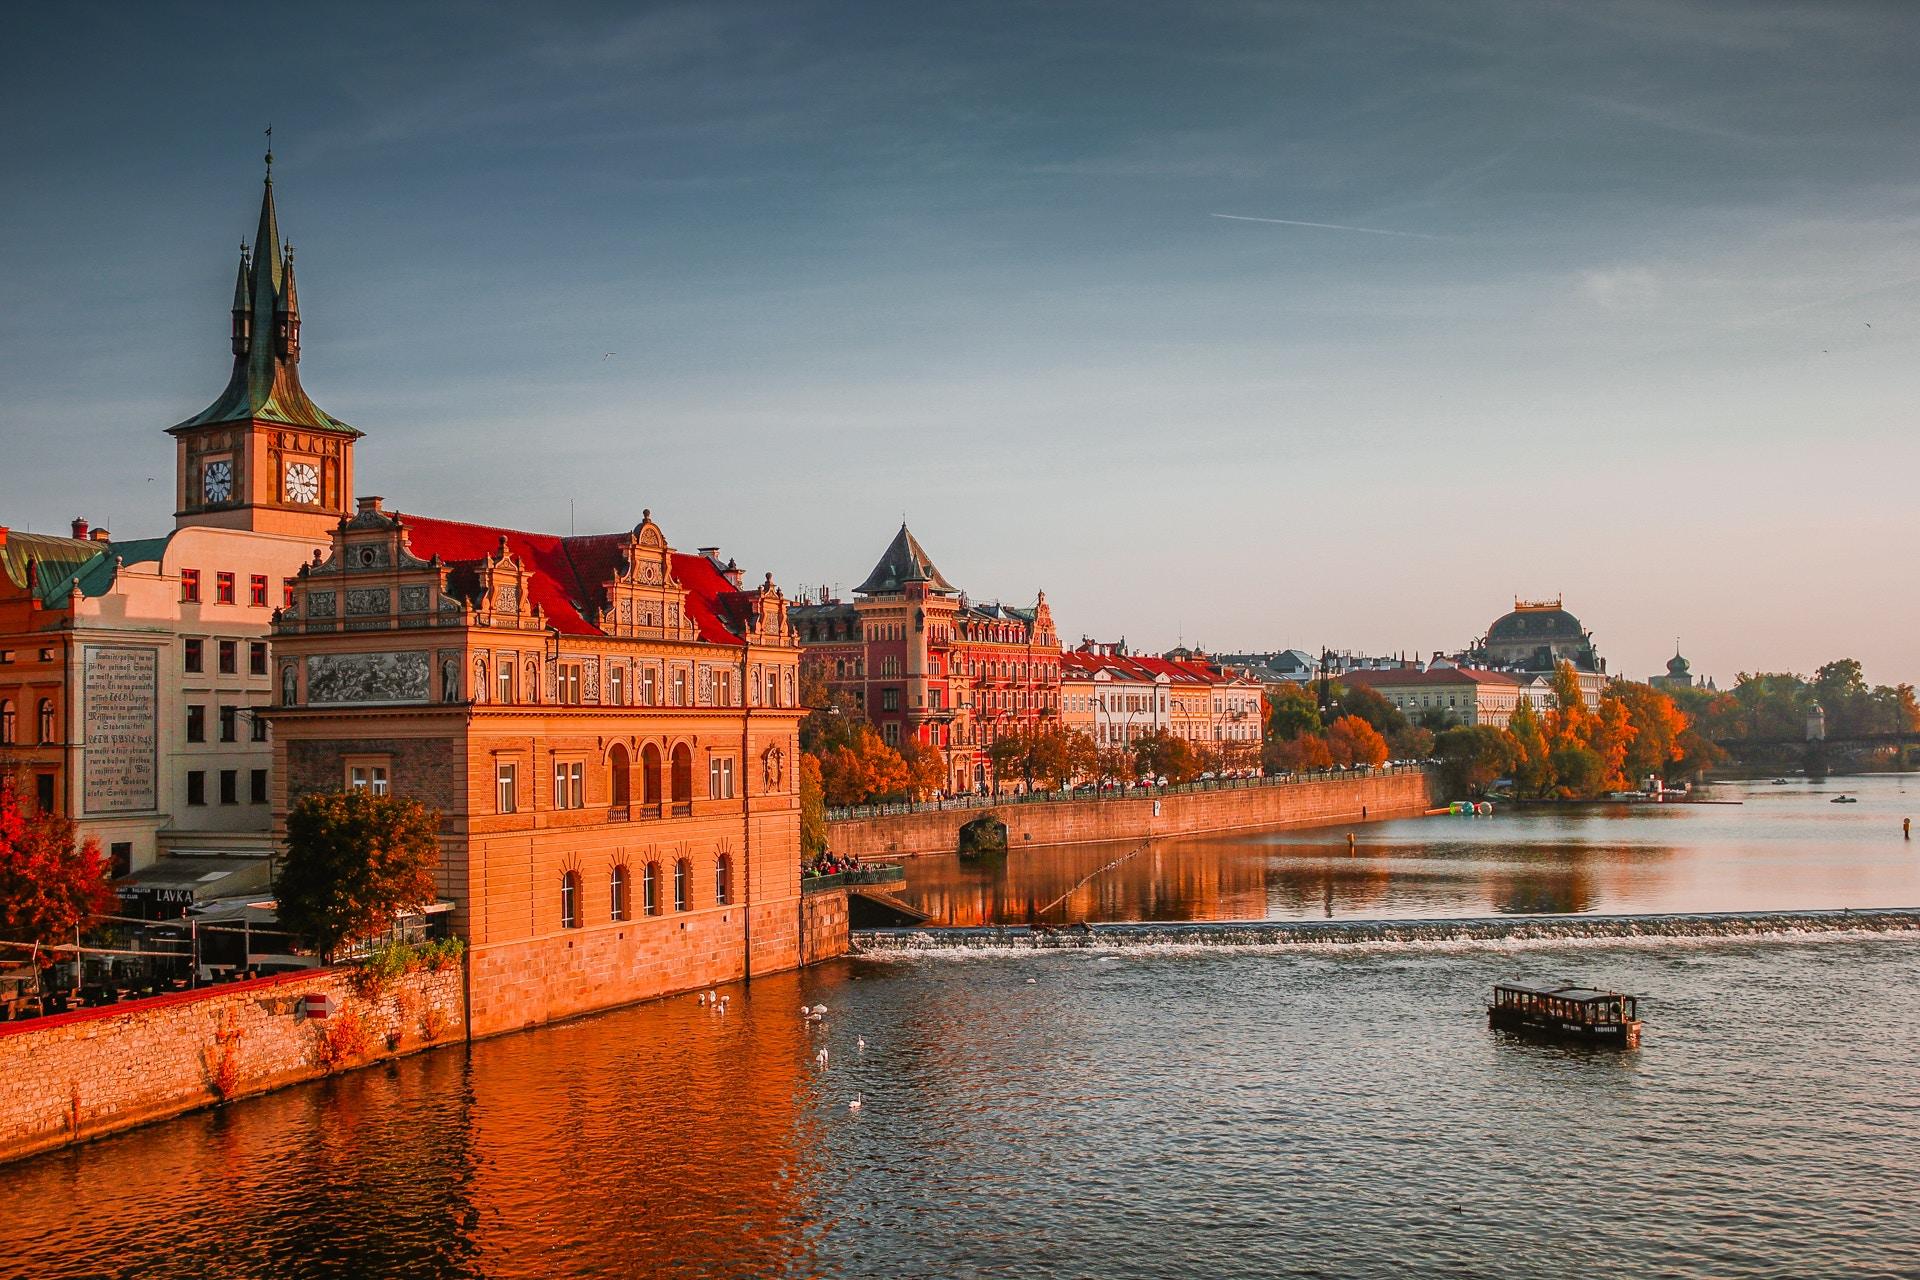 Praag is een van de leukste stedentrips in het najaar